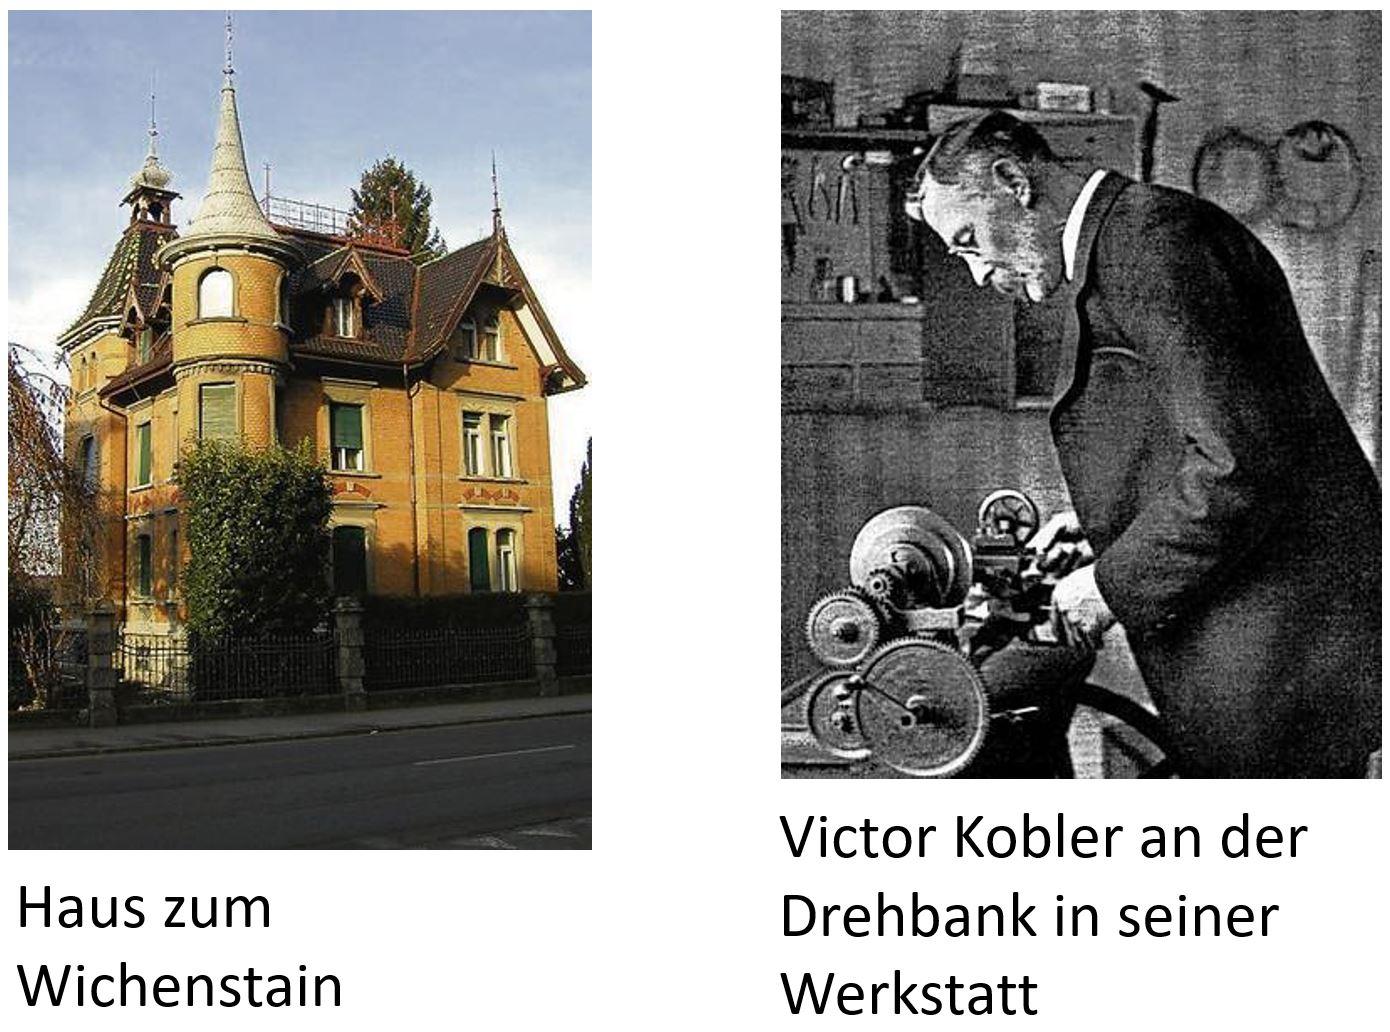 Victor Kobler (1859-1937)